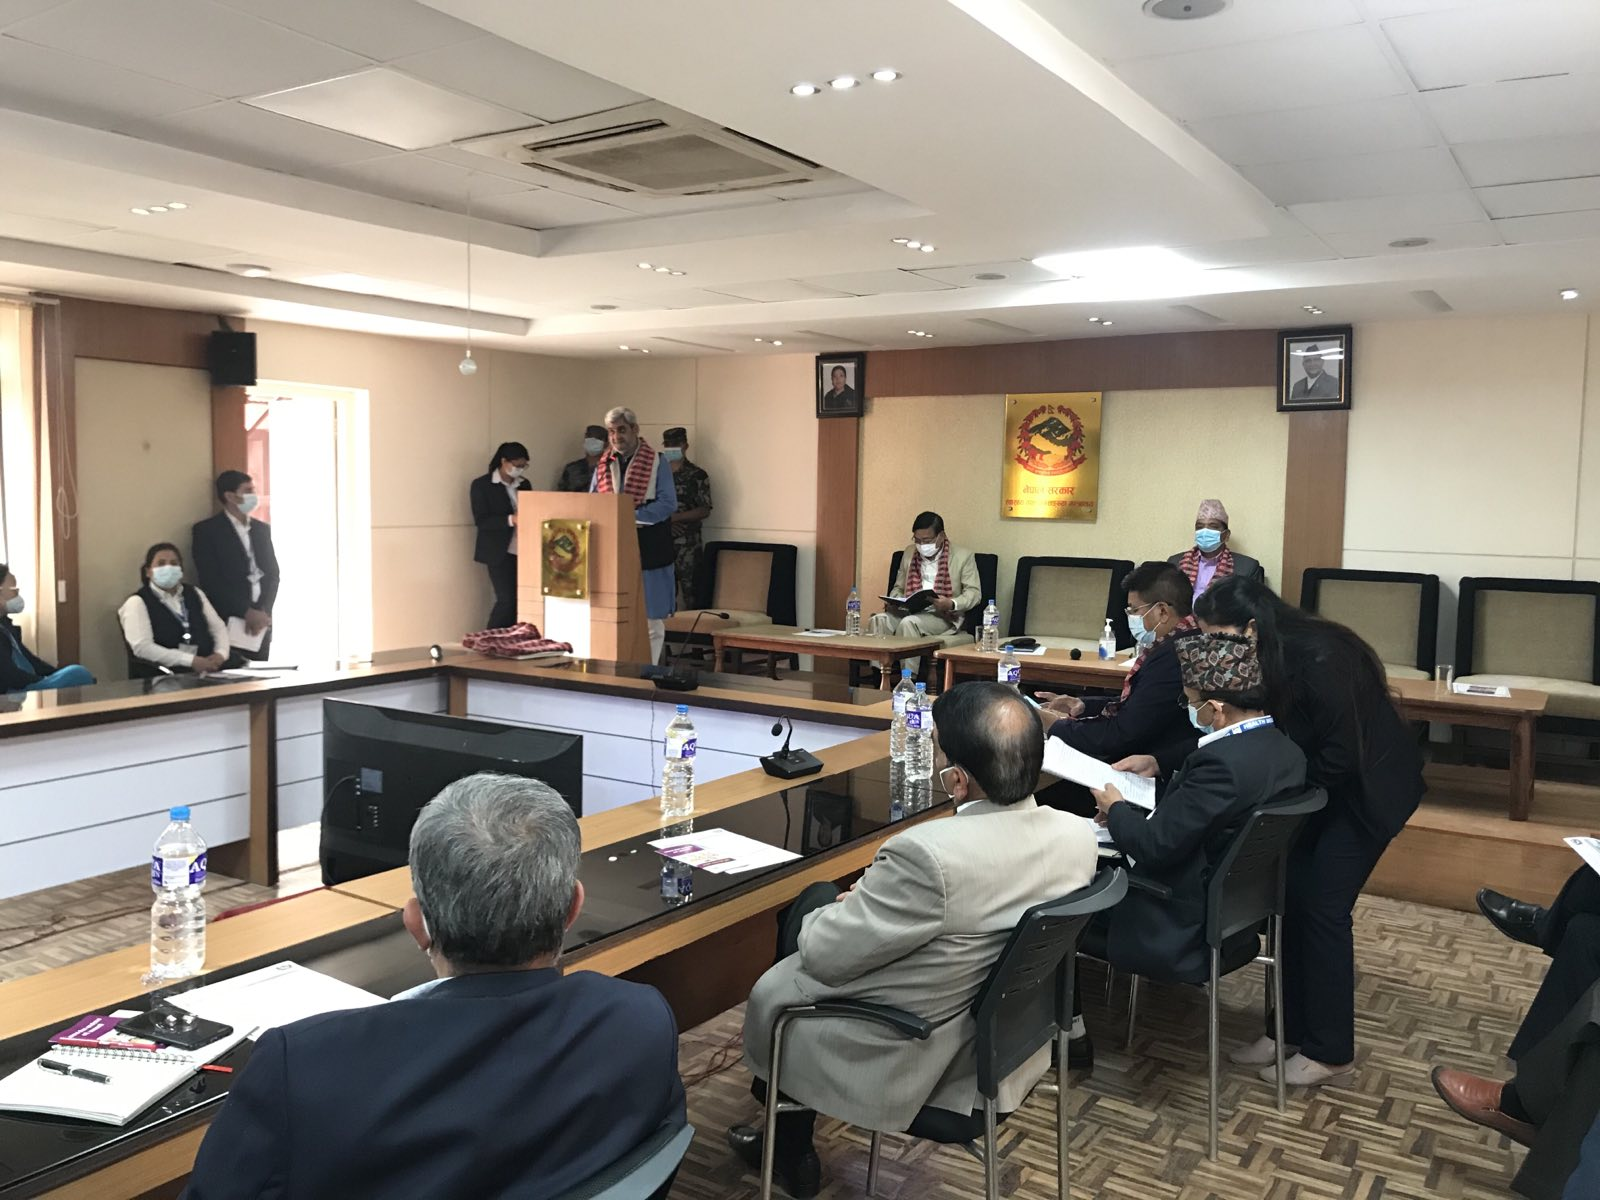 पाँचौ स्वास्थ्य बीमा दिवसको  उपलक्षयमा माननीय स्वास्थ्य तथा जनसंख्या मन्त्री श्री हृदयेश त्रिपाठी ज्यू  मन्तब्य राख्नु हुदै।